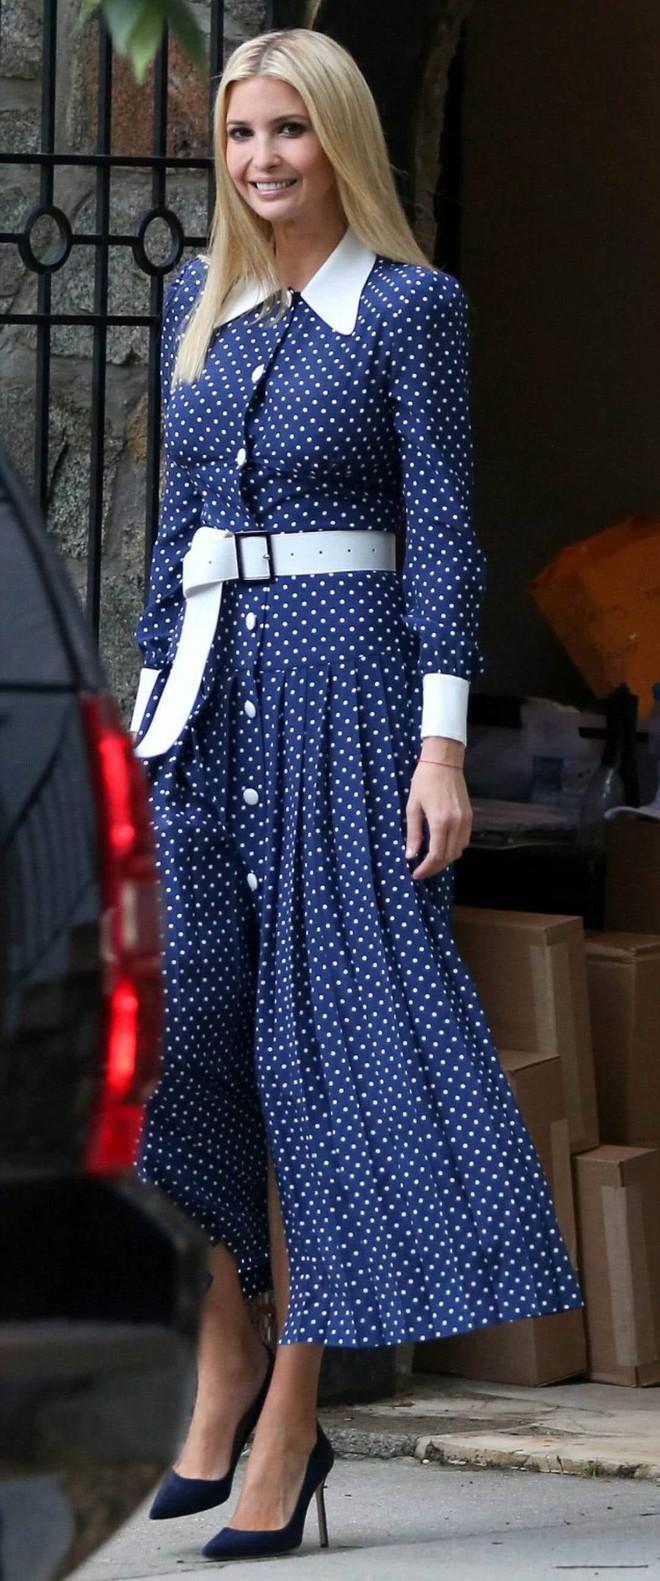 Lần diện đồ cũ này của Công nương Kate quá đặc biệt: Đụng hàng với ái nữ Tổng thống Trump và giống đến 80% váy của mẹ chồng - ảnh 8